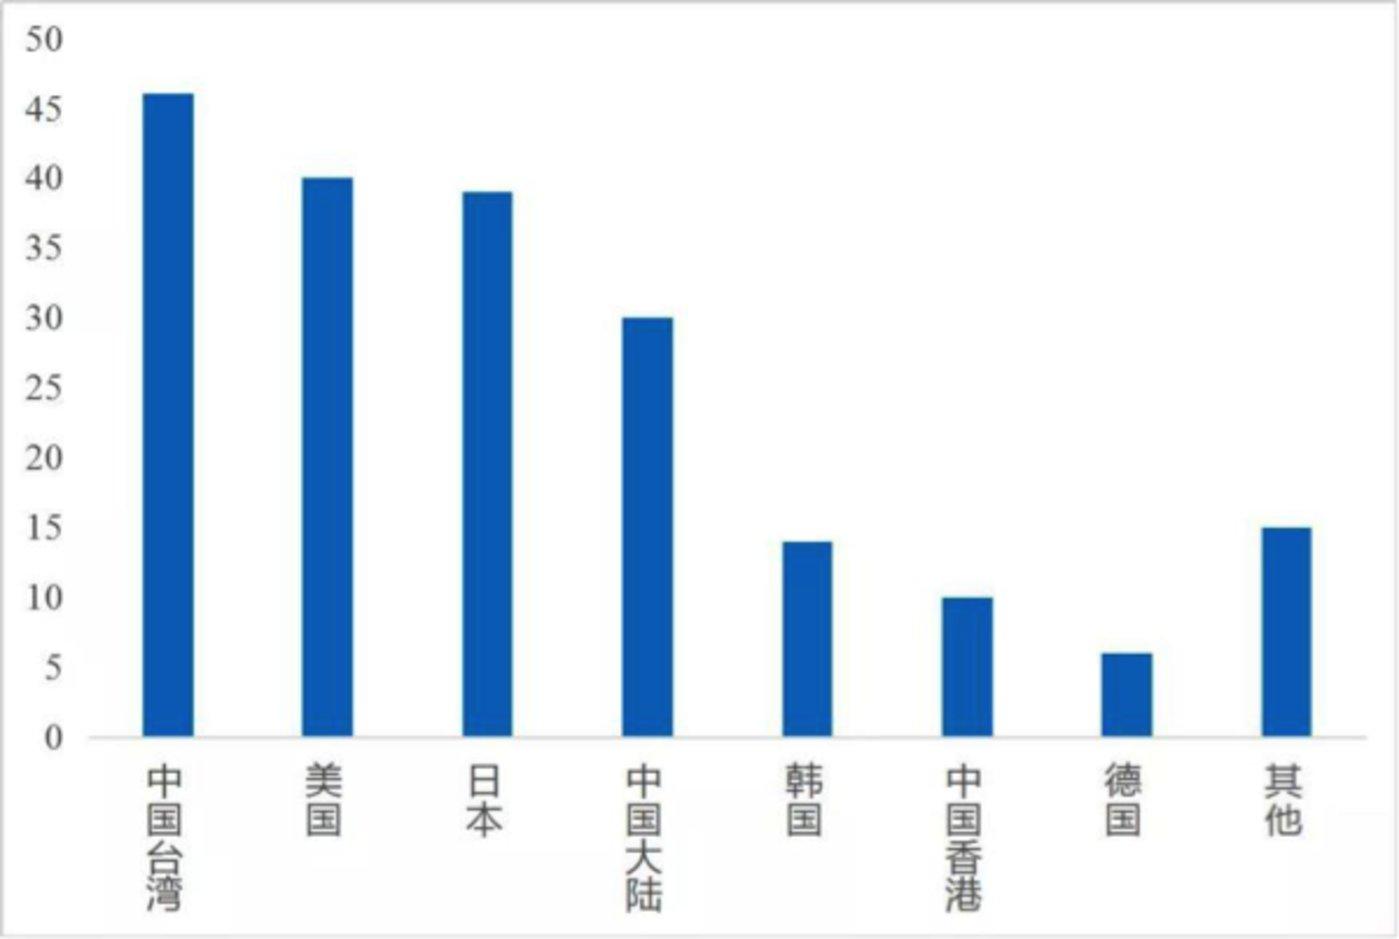 苹果200大供应商分布(图源网络)